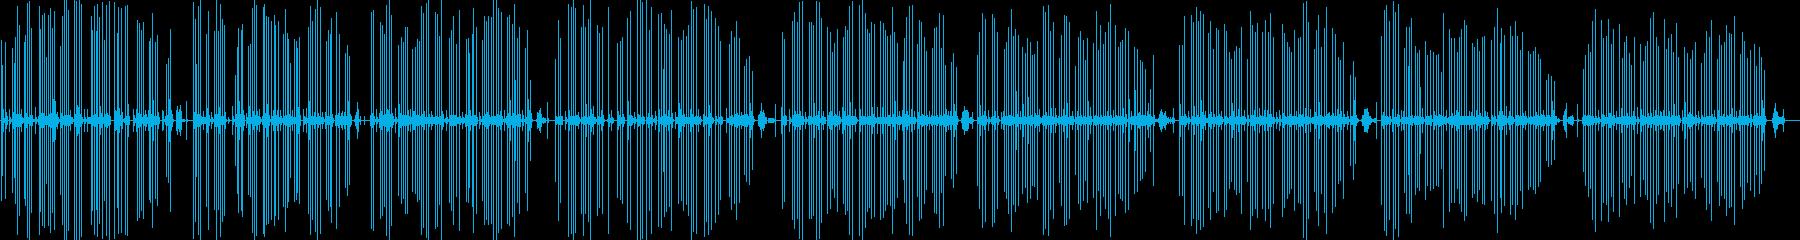 古典的なタイプライターをすばやく入力するの再生済みの波形